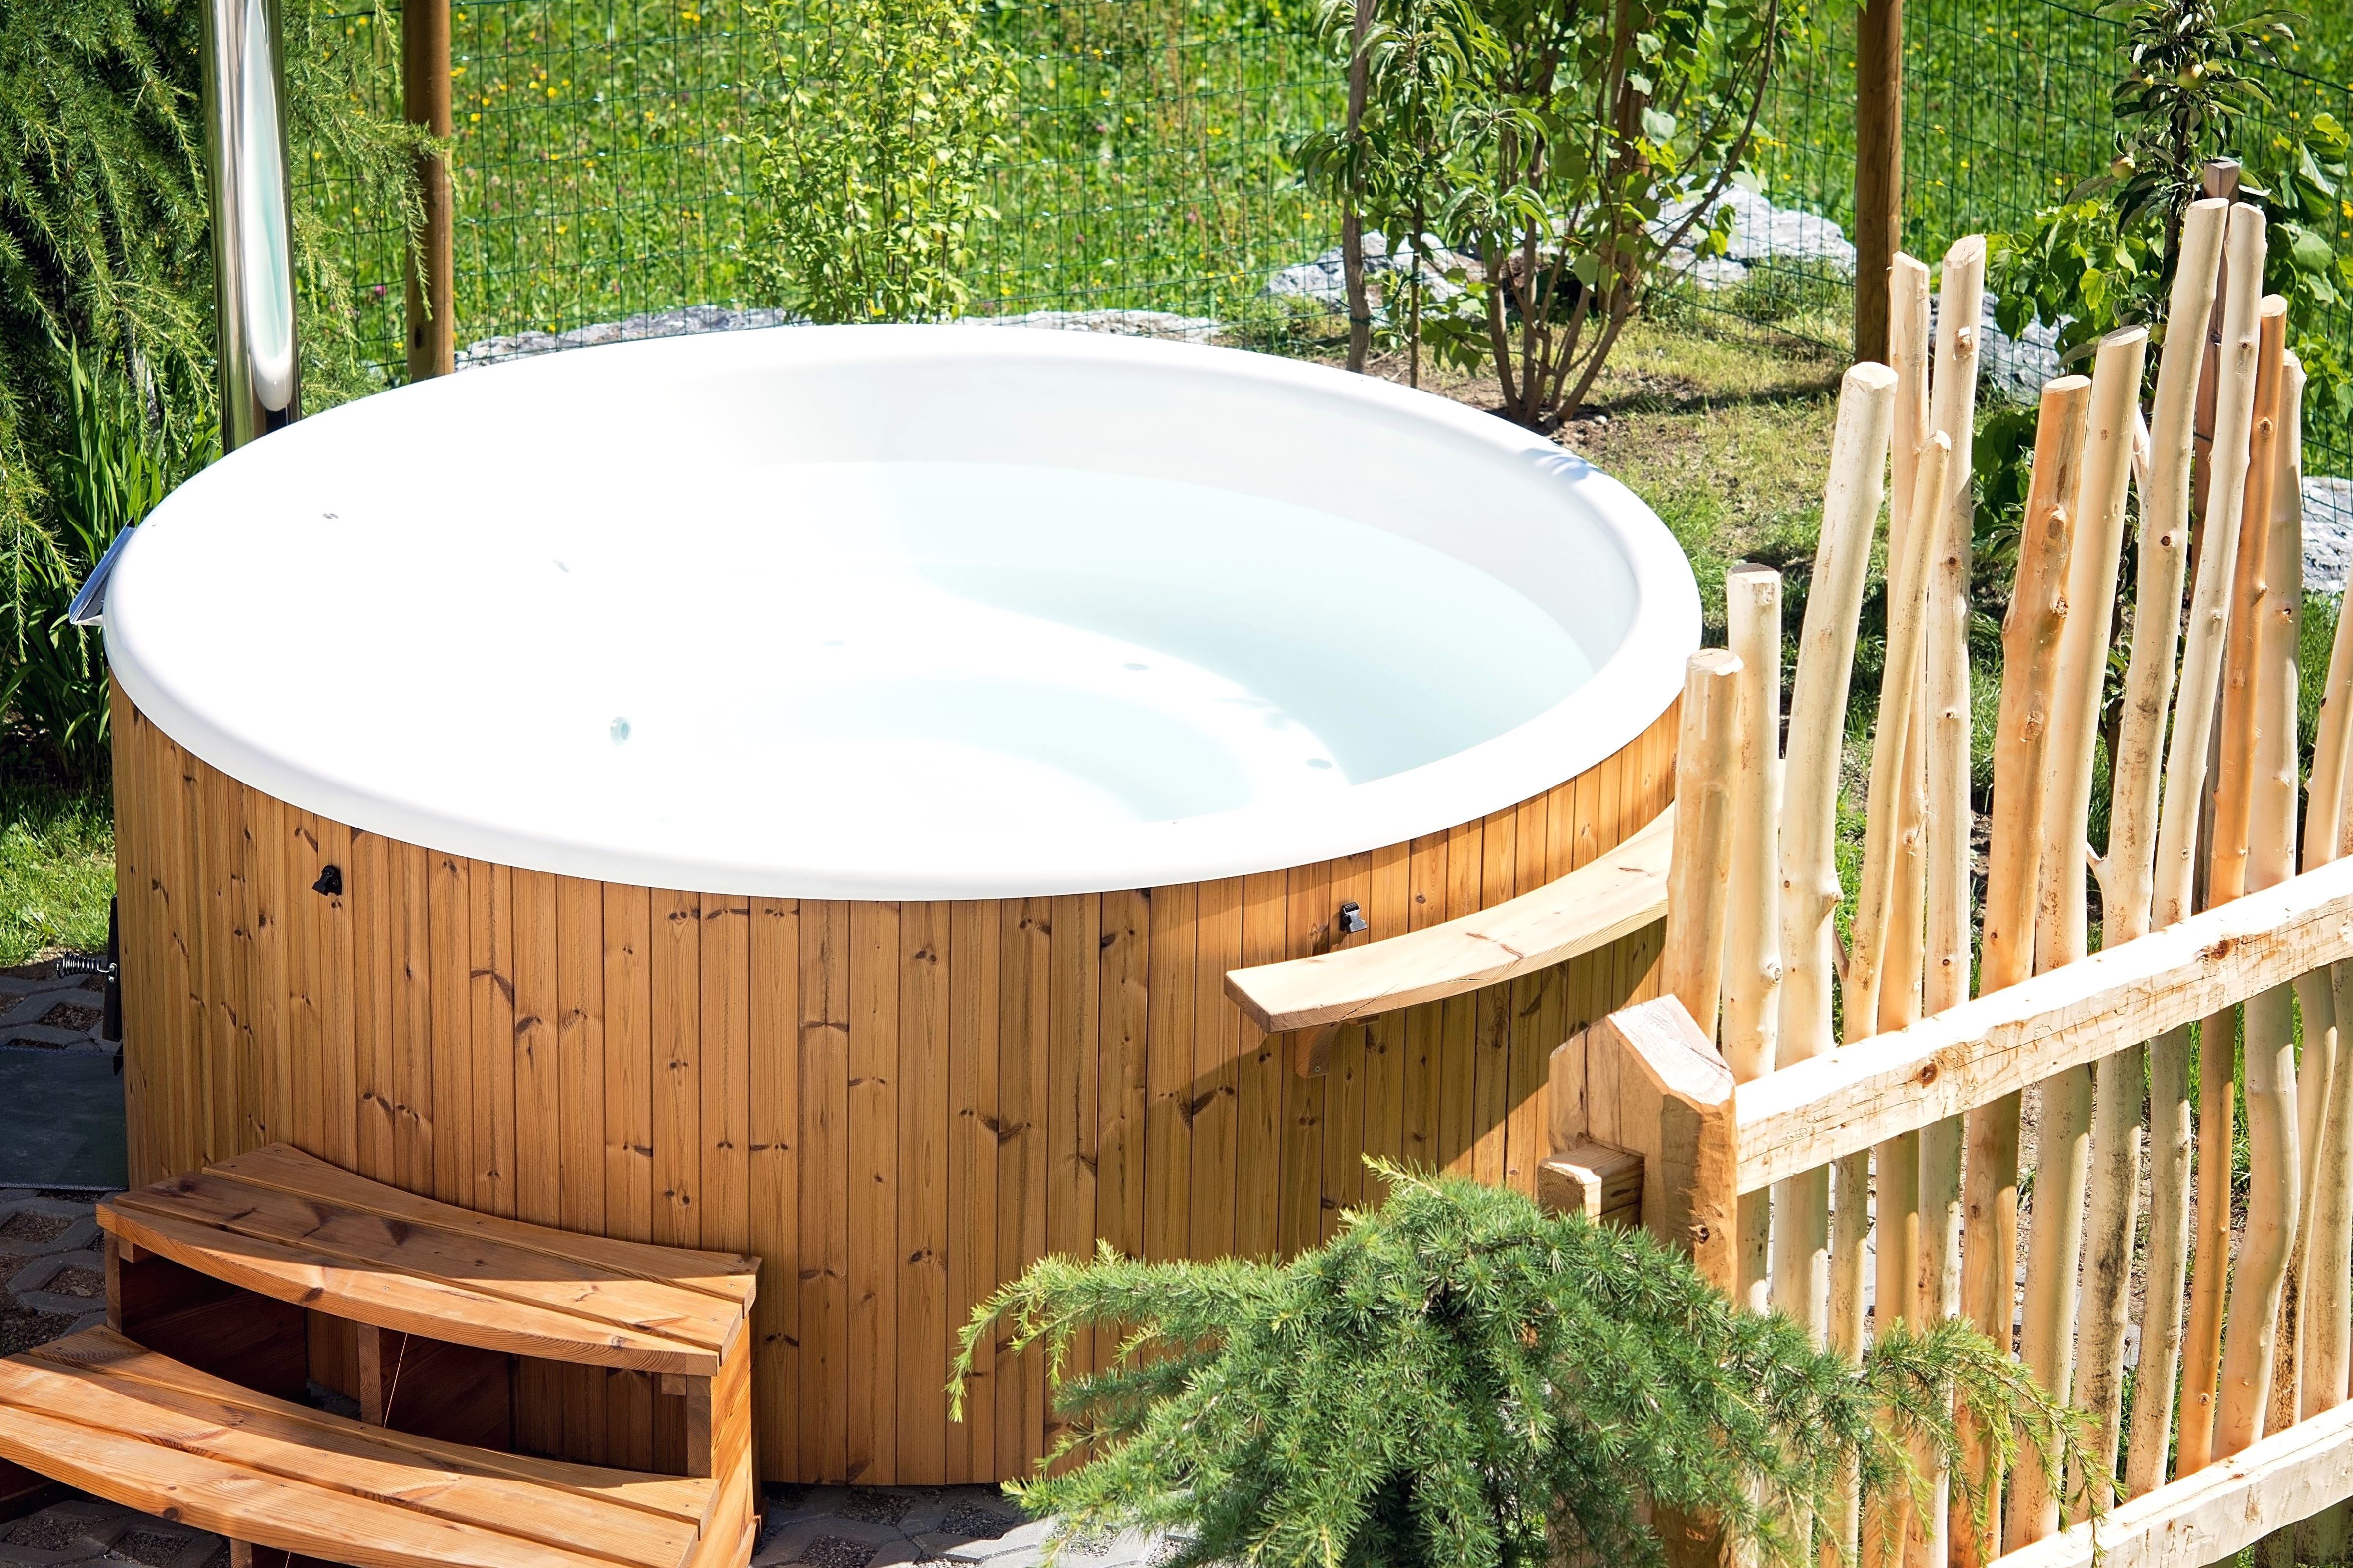 kostenlose bild pool garten im freien holz. Black Bedroom Furniture Sets. Home Design Ideas